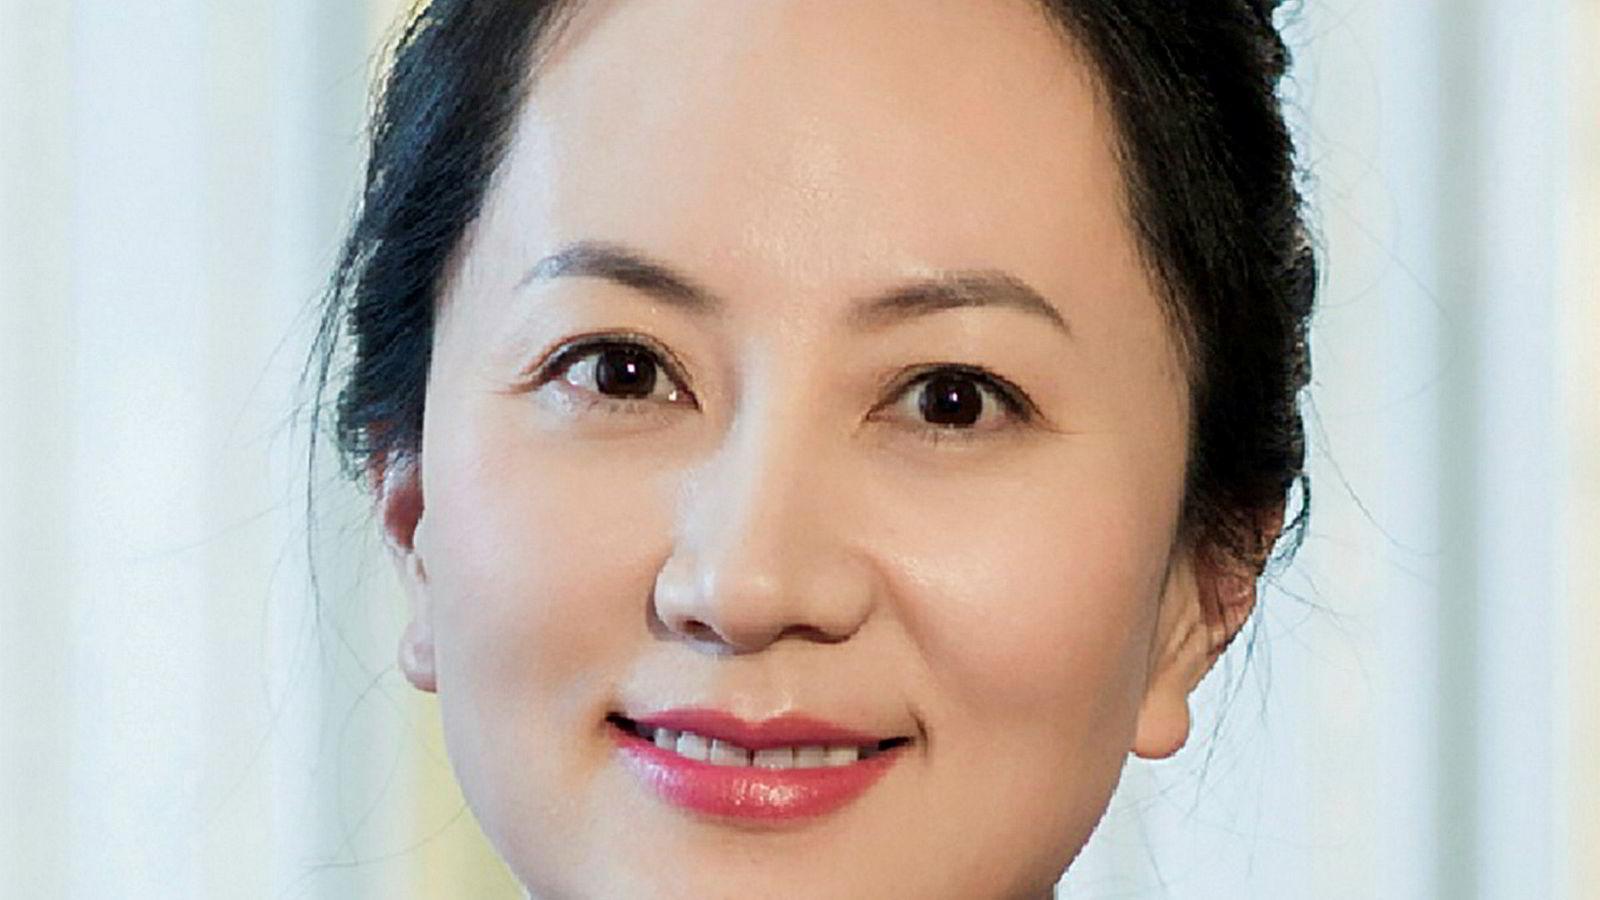 Arrestasjonen av finansdirektør Meng Wanzhou i Huawei har skapt problemer for forholdet mellom Canada og Kina.